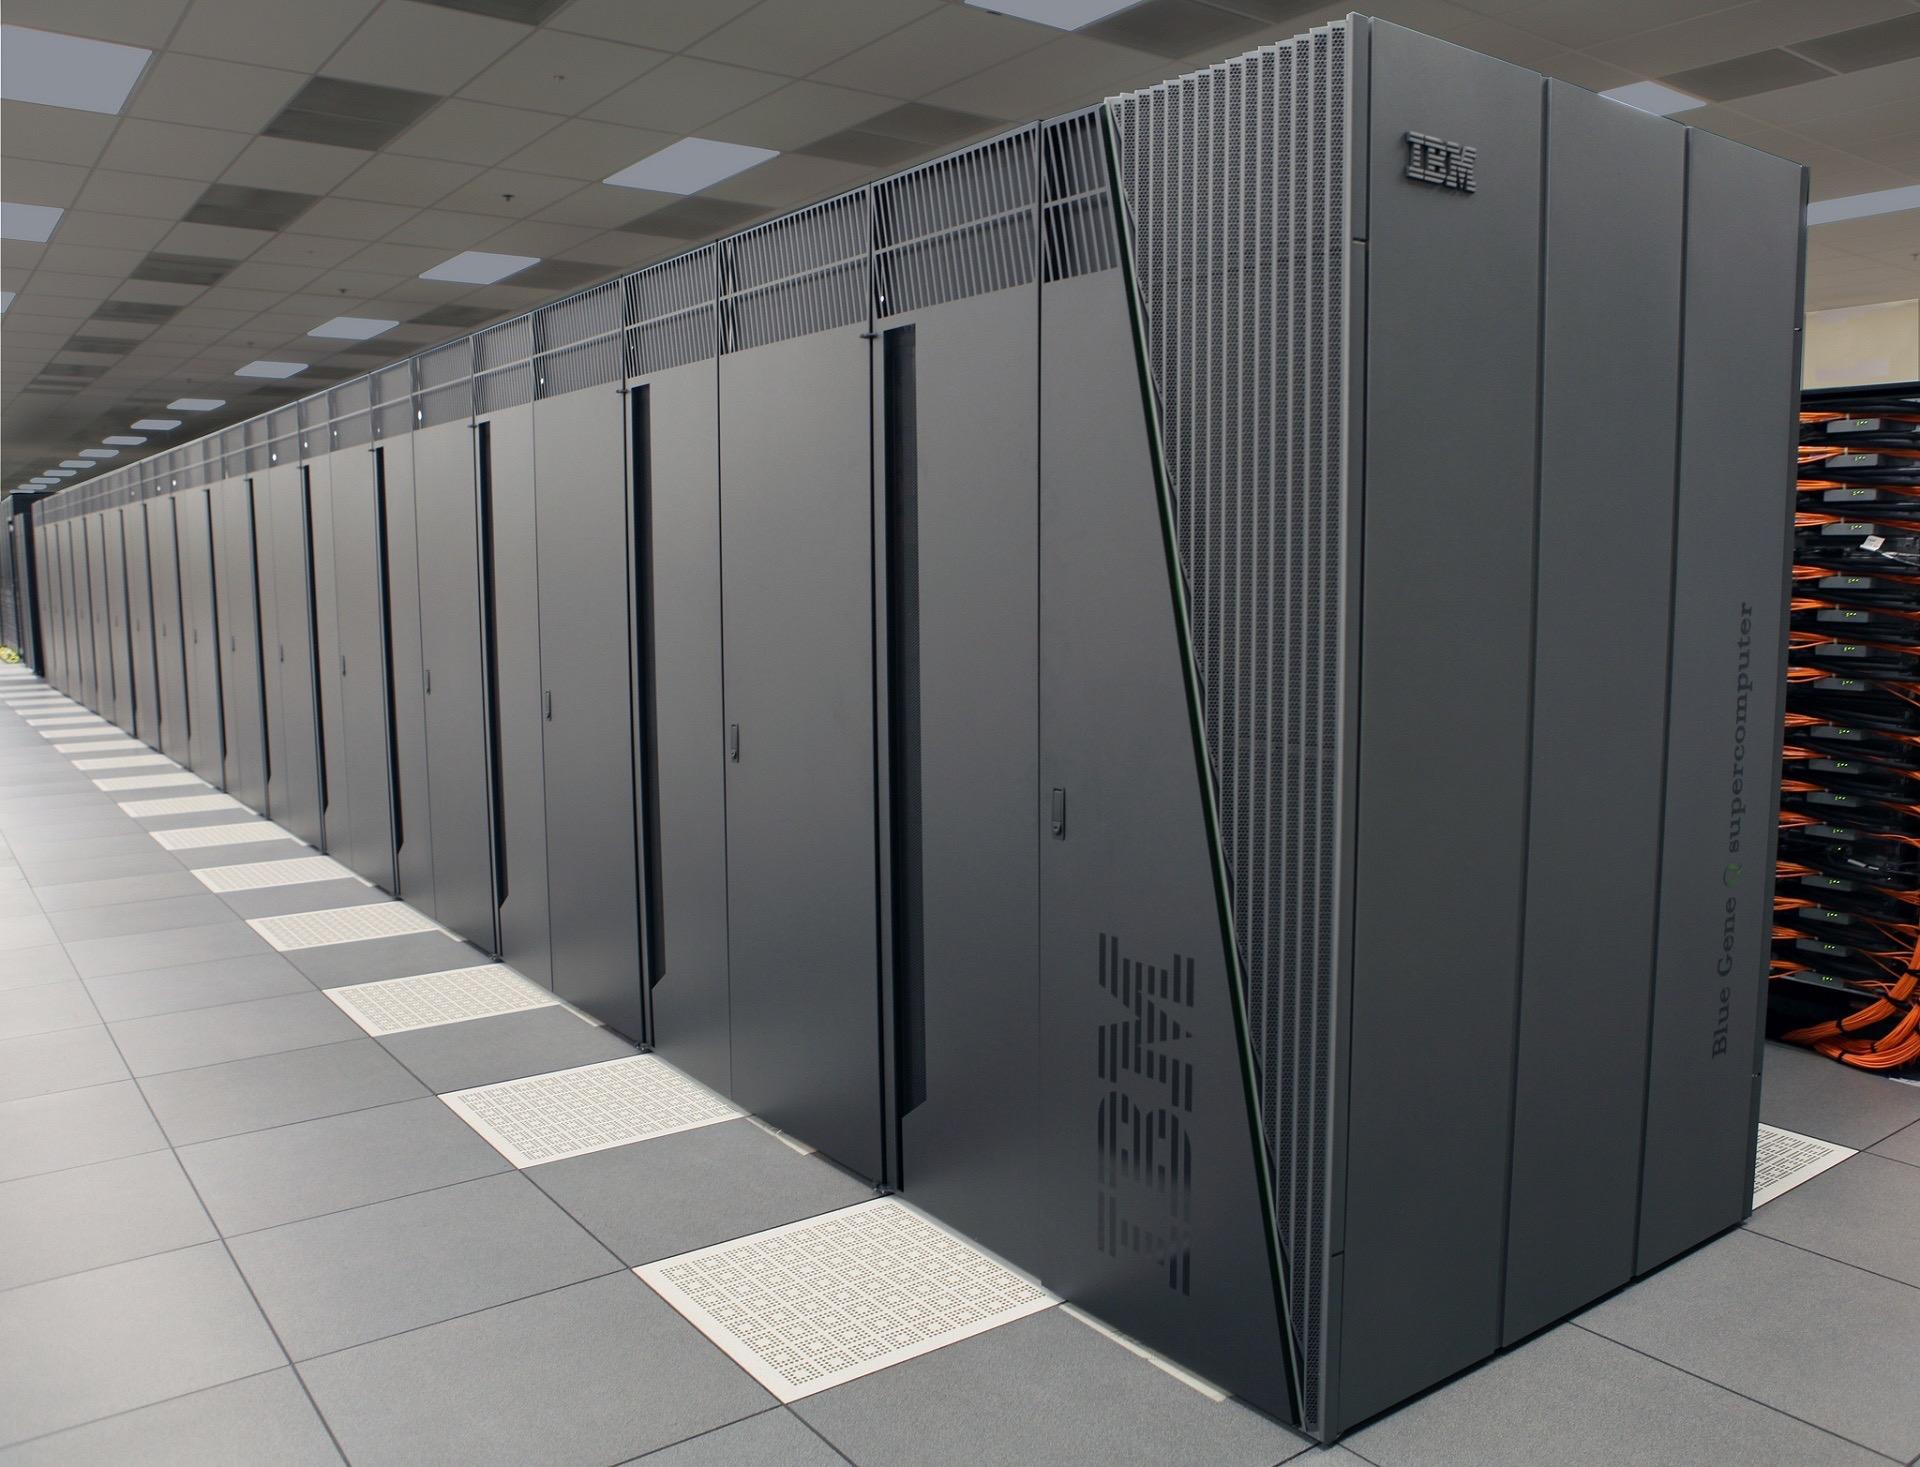 Image for Для чего и как следует регулировать киберпространство?